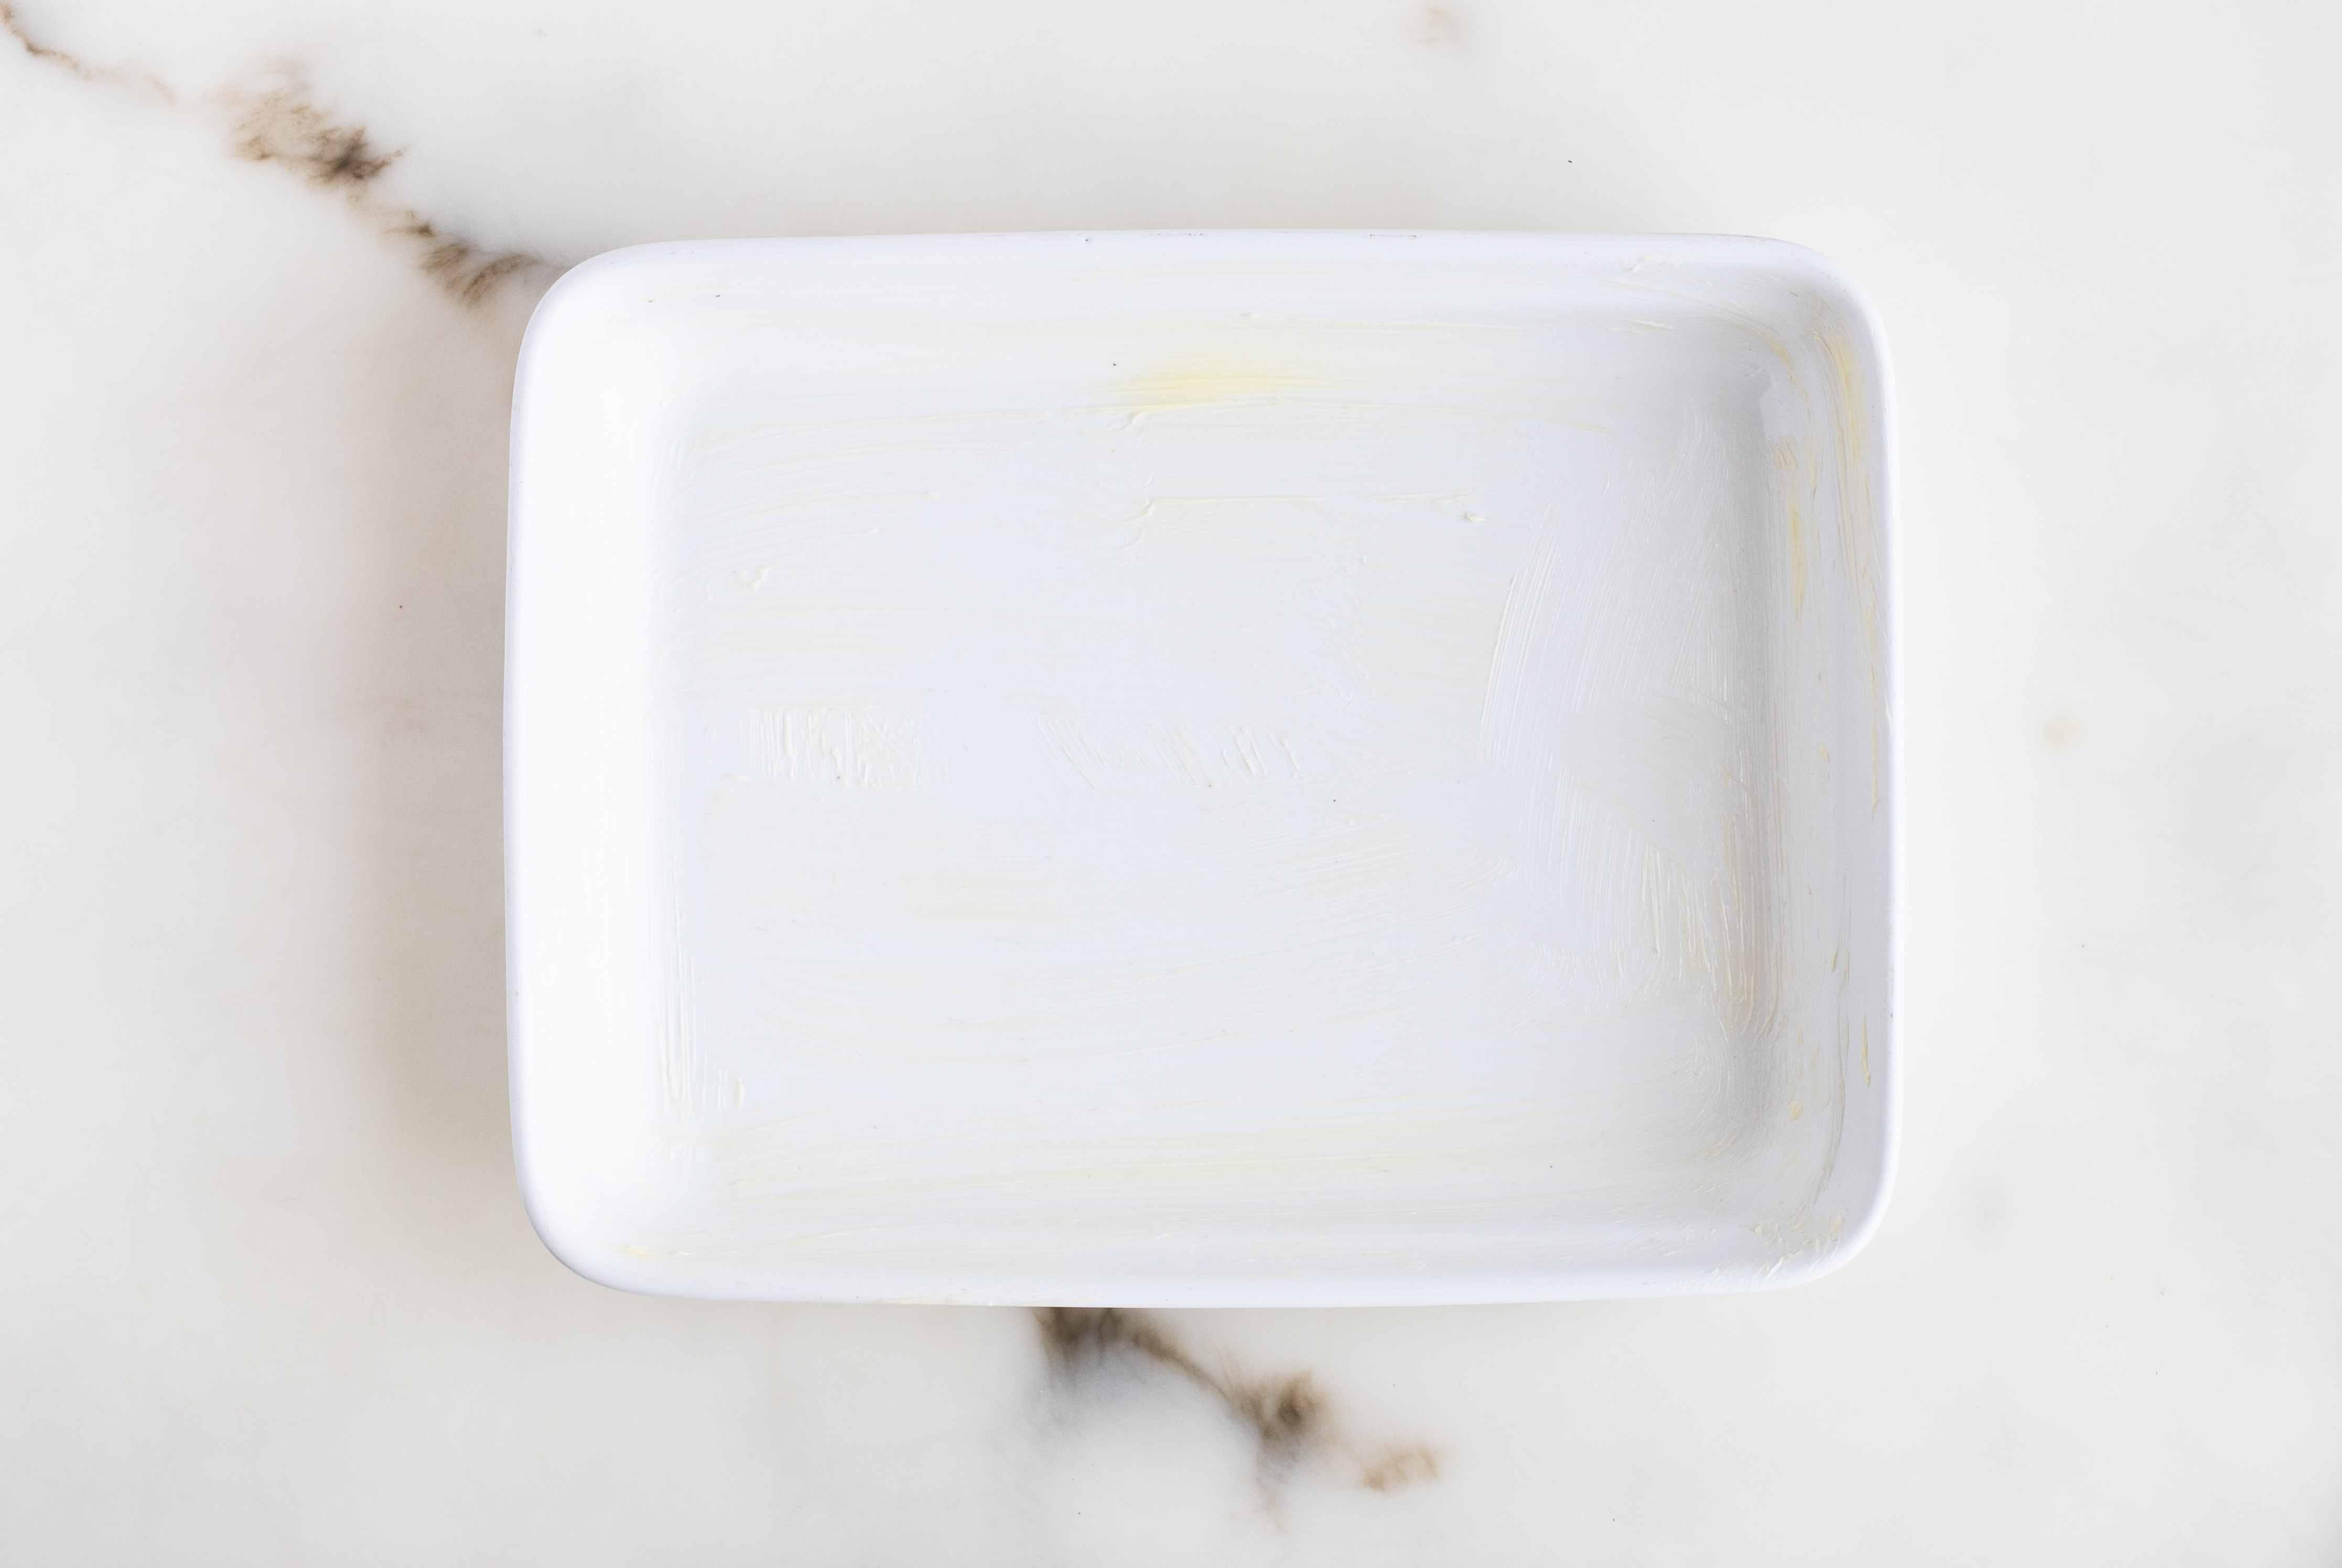 Butter pan